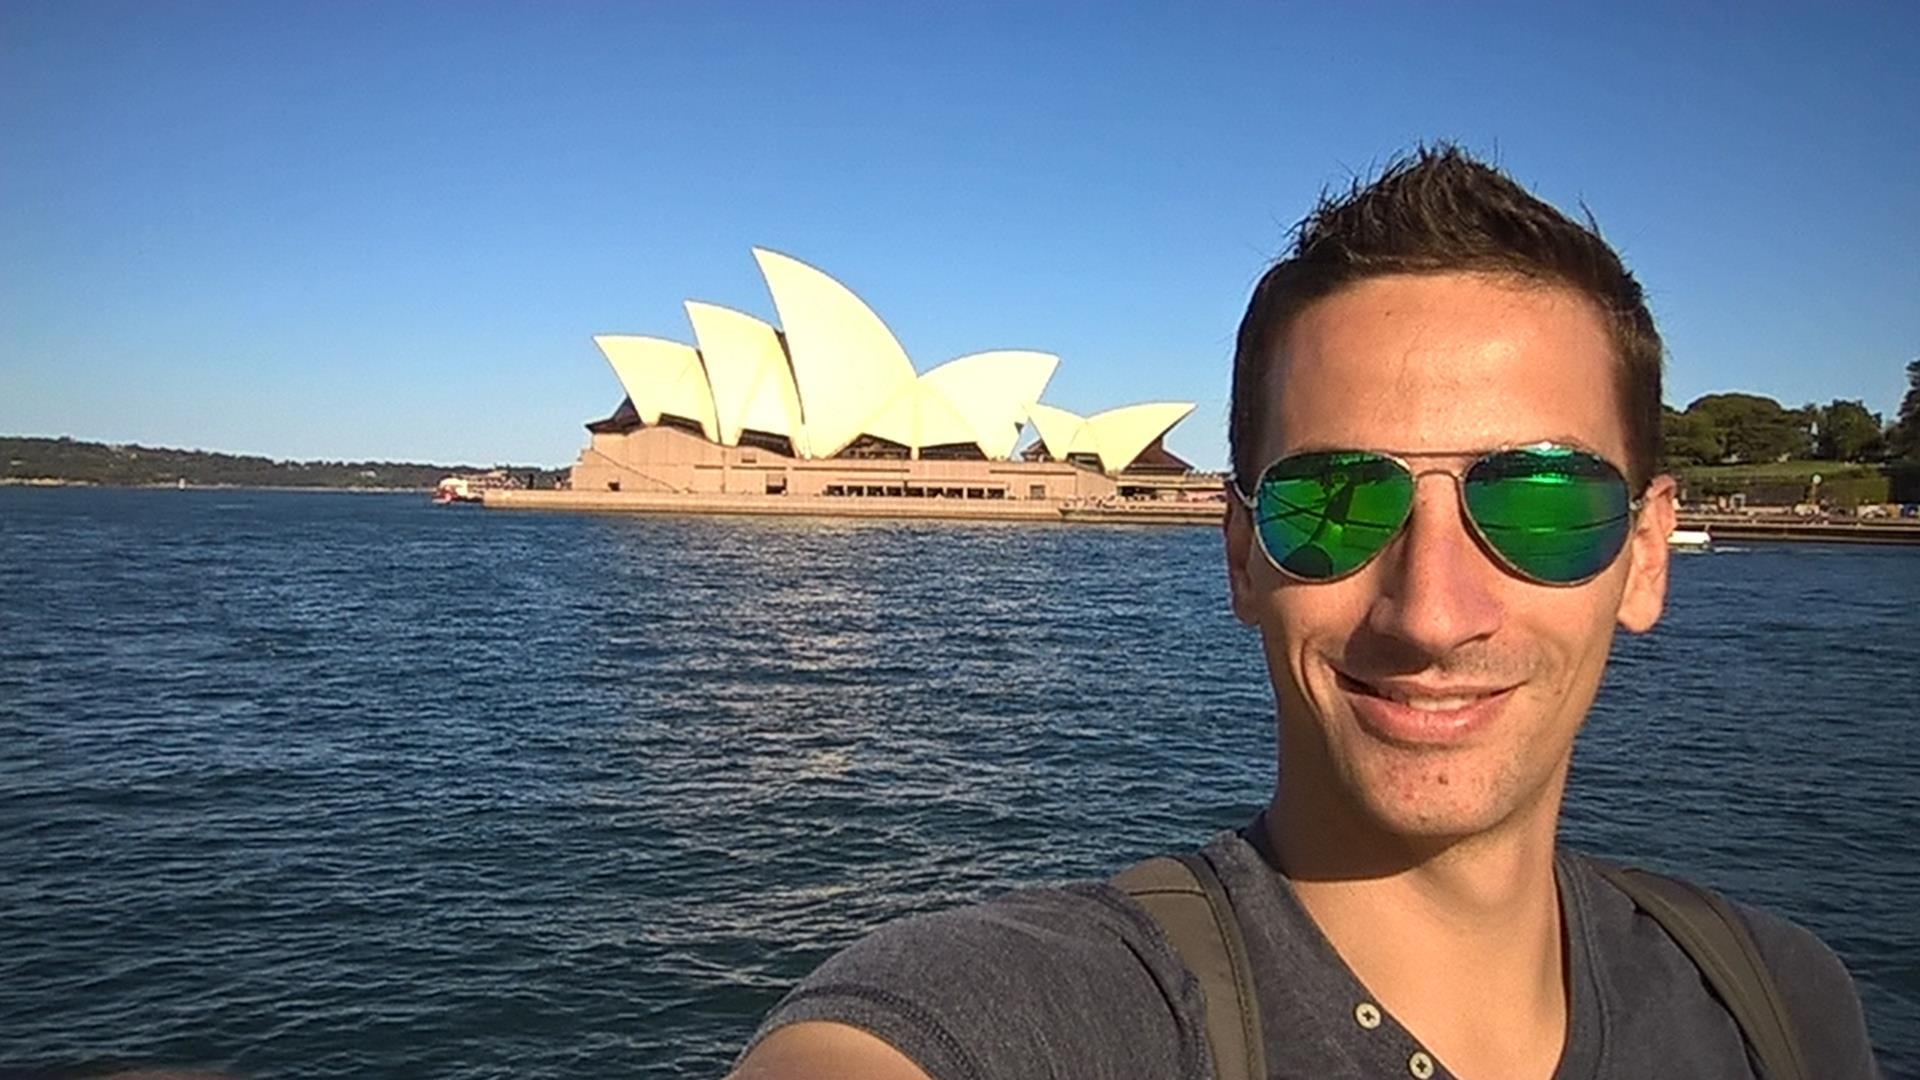 Vor dem Opernhaus in Sydney